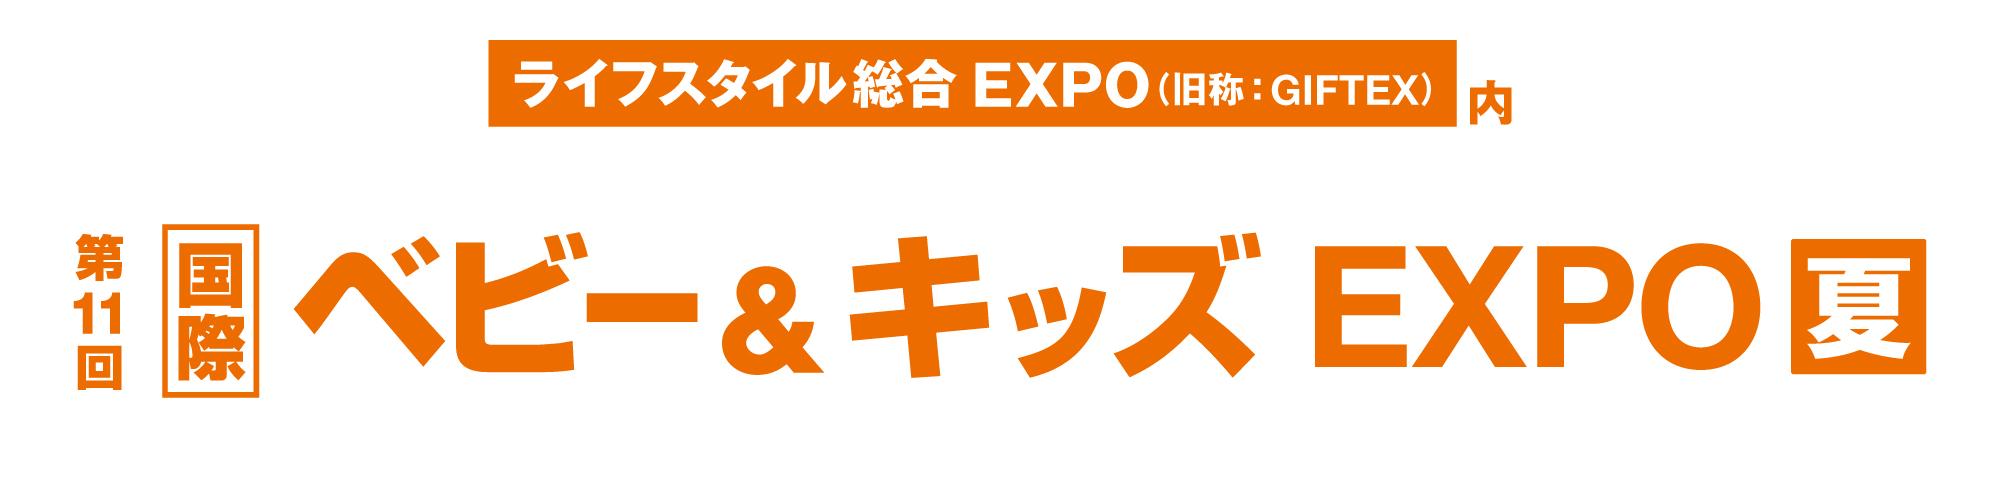 第11回 国際ベビー&キッズEXPO【夏】に出展します。